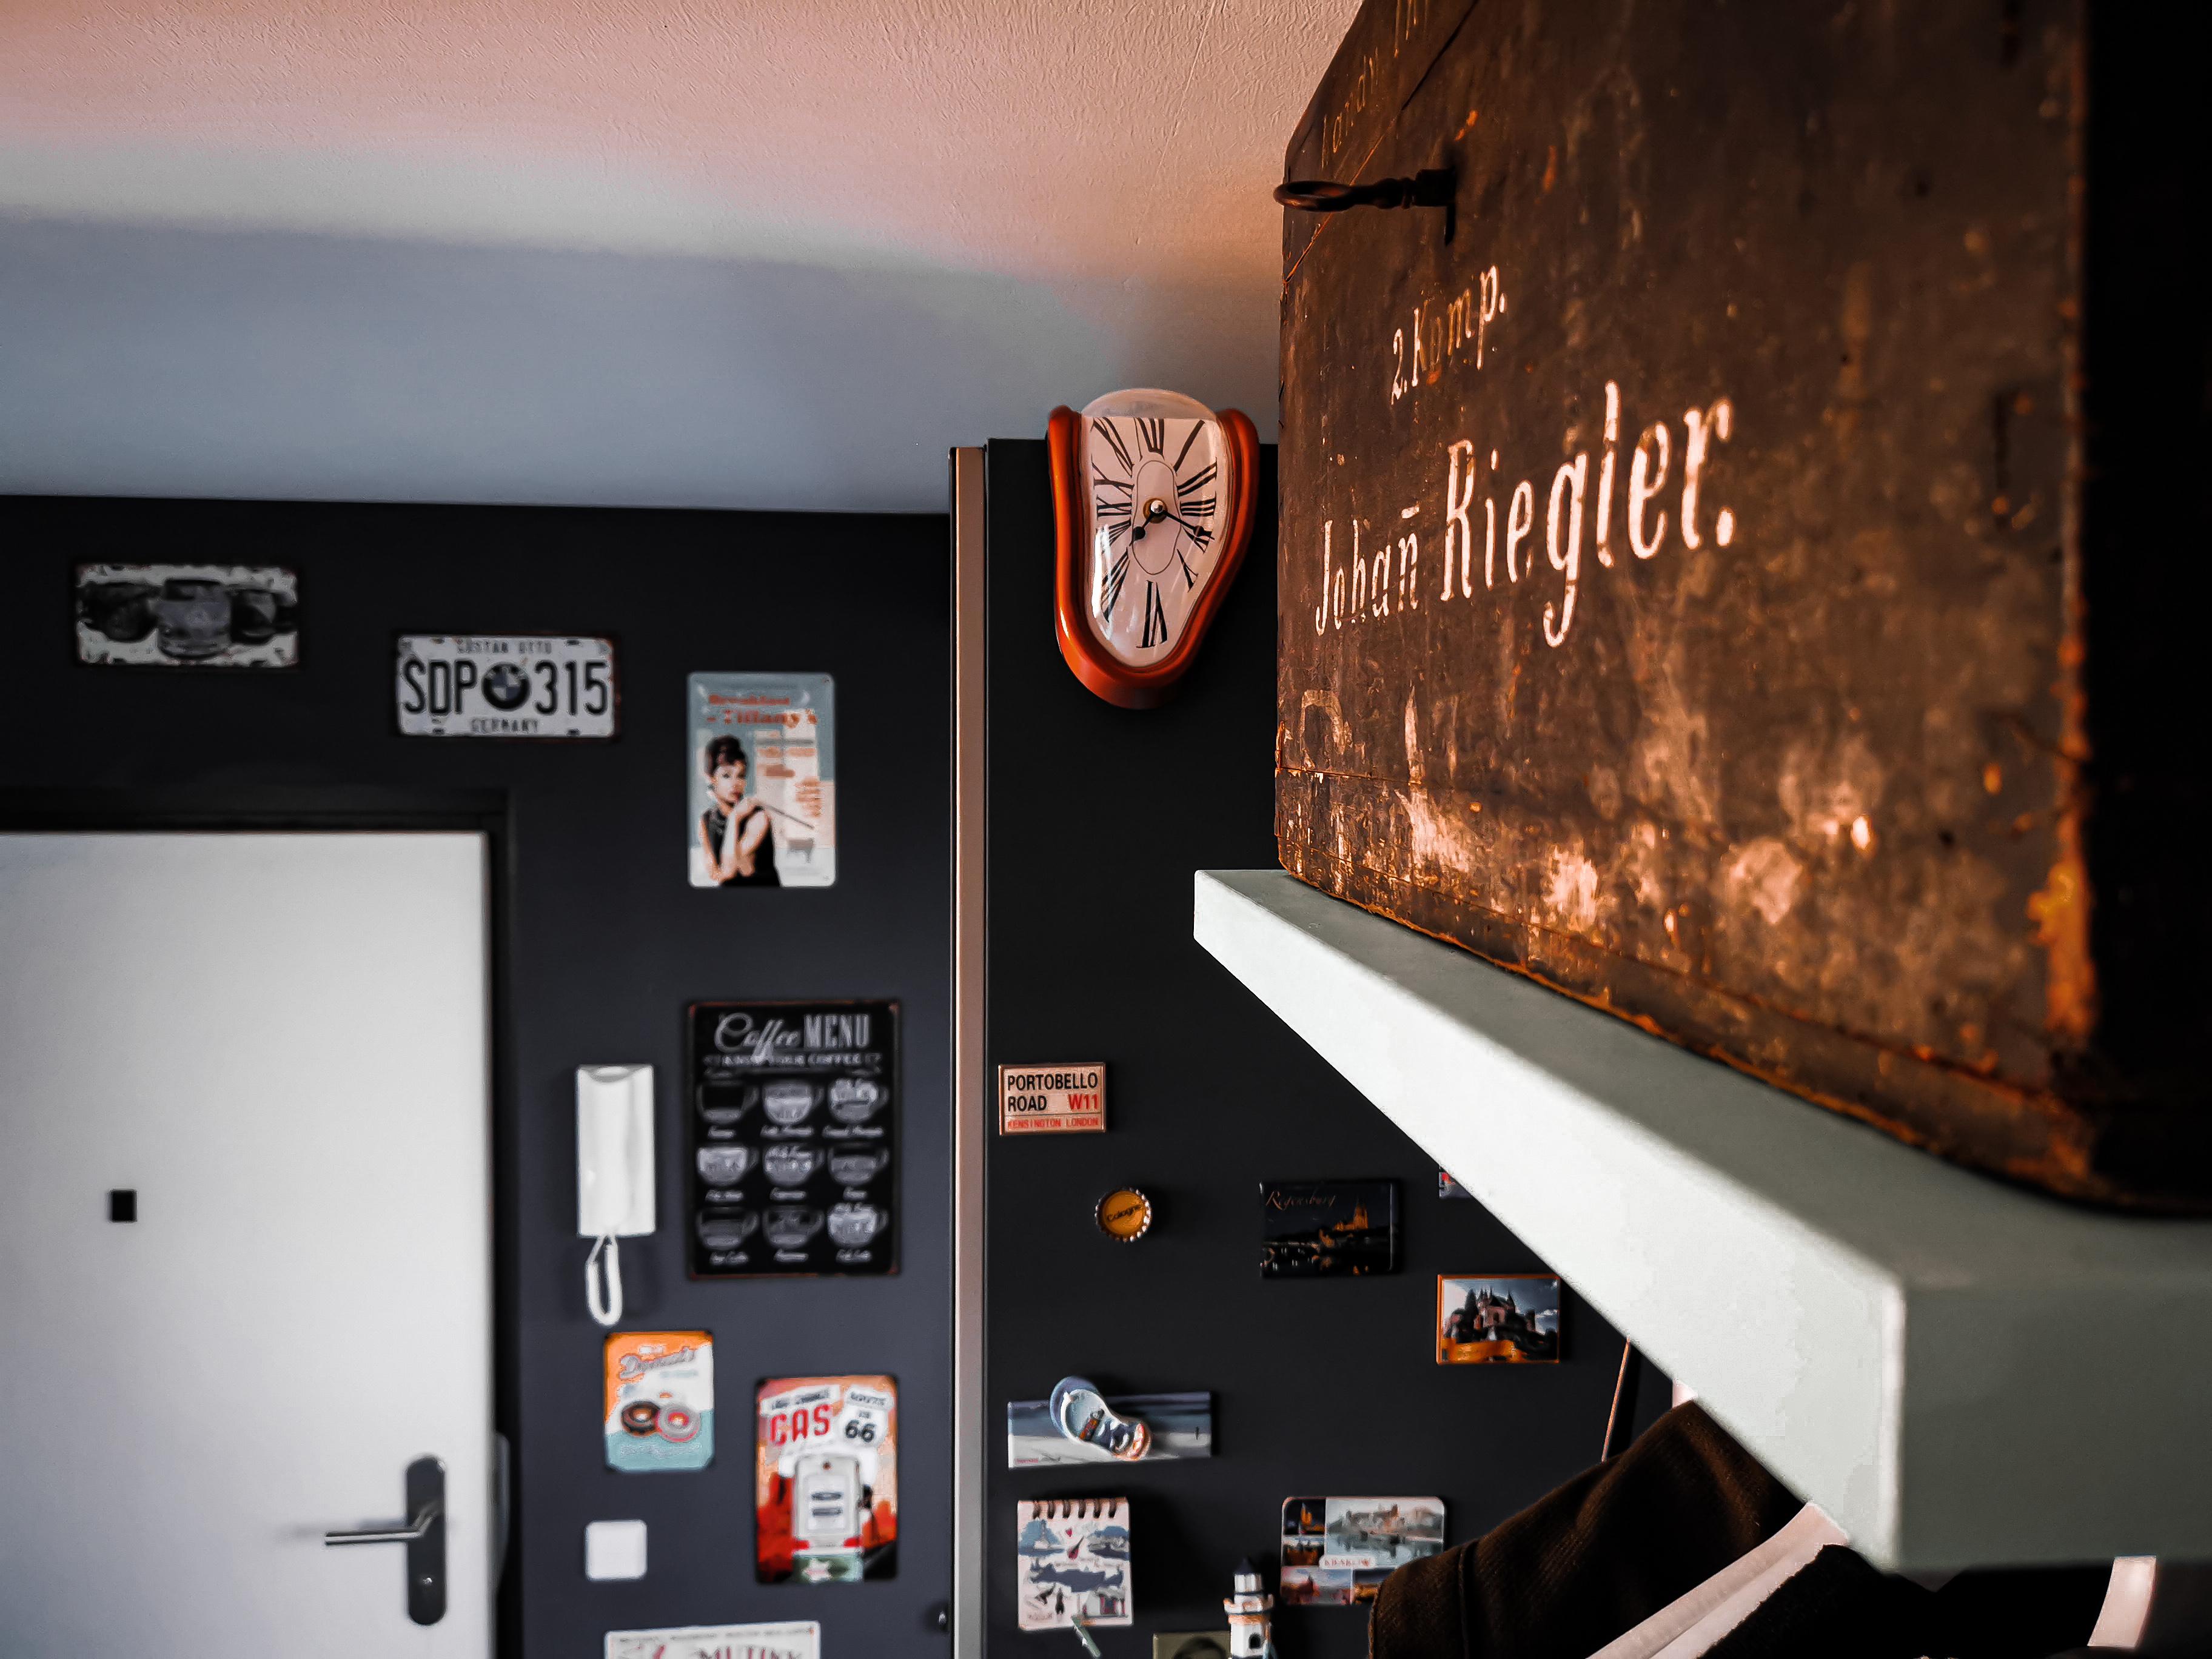 IMG 20200208 154833 - Projekt Vorzimmer: 11 DIY-Ideen an einem Ort